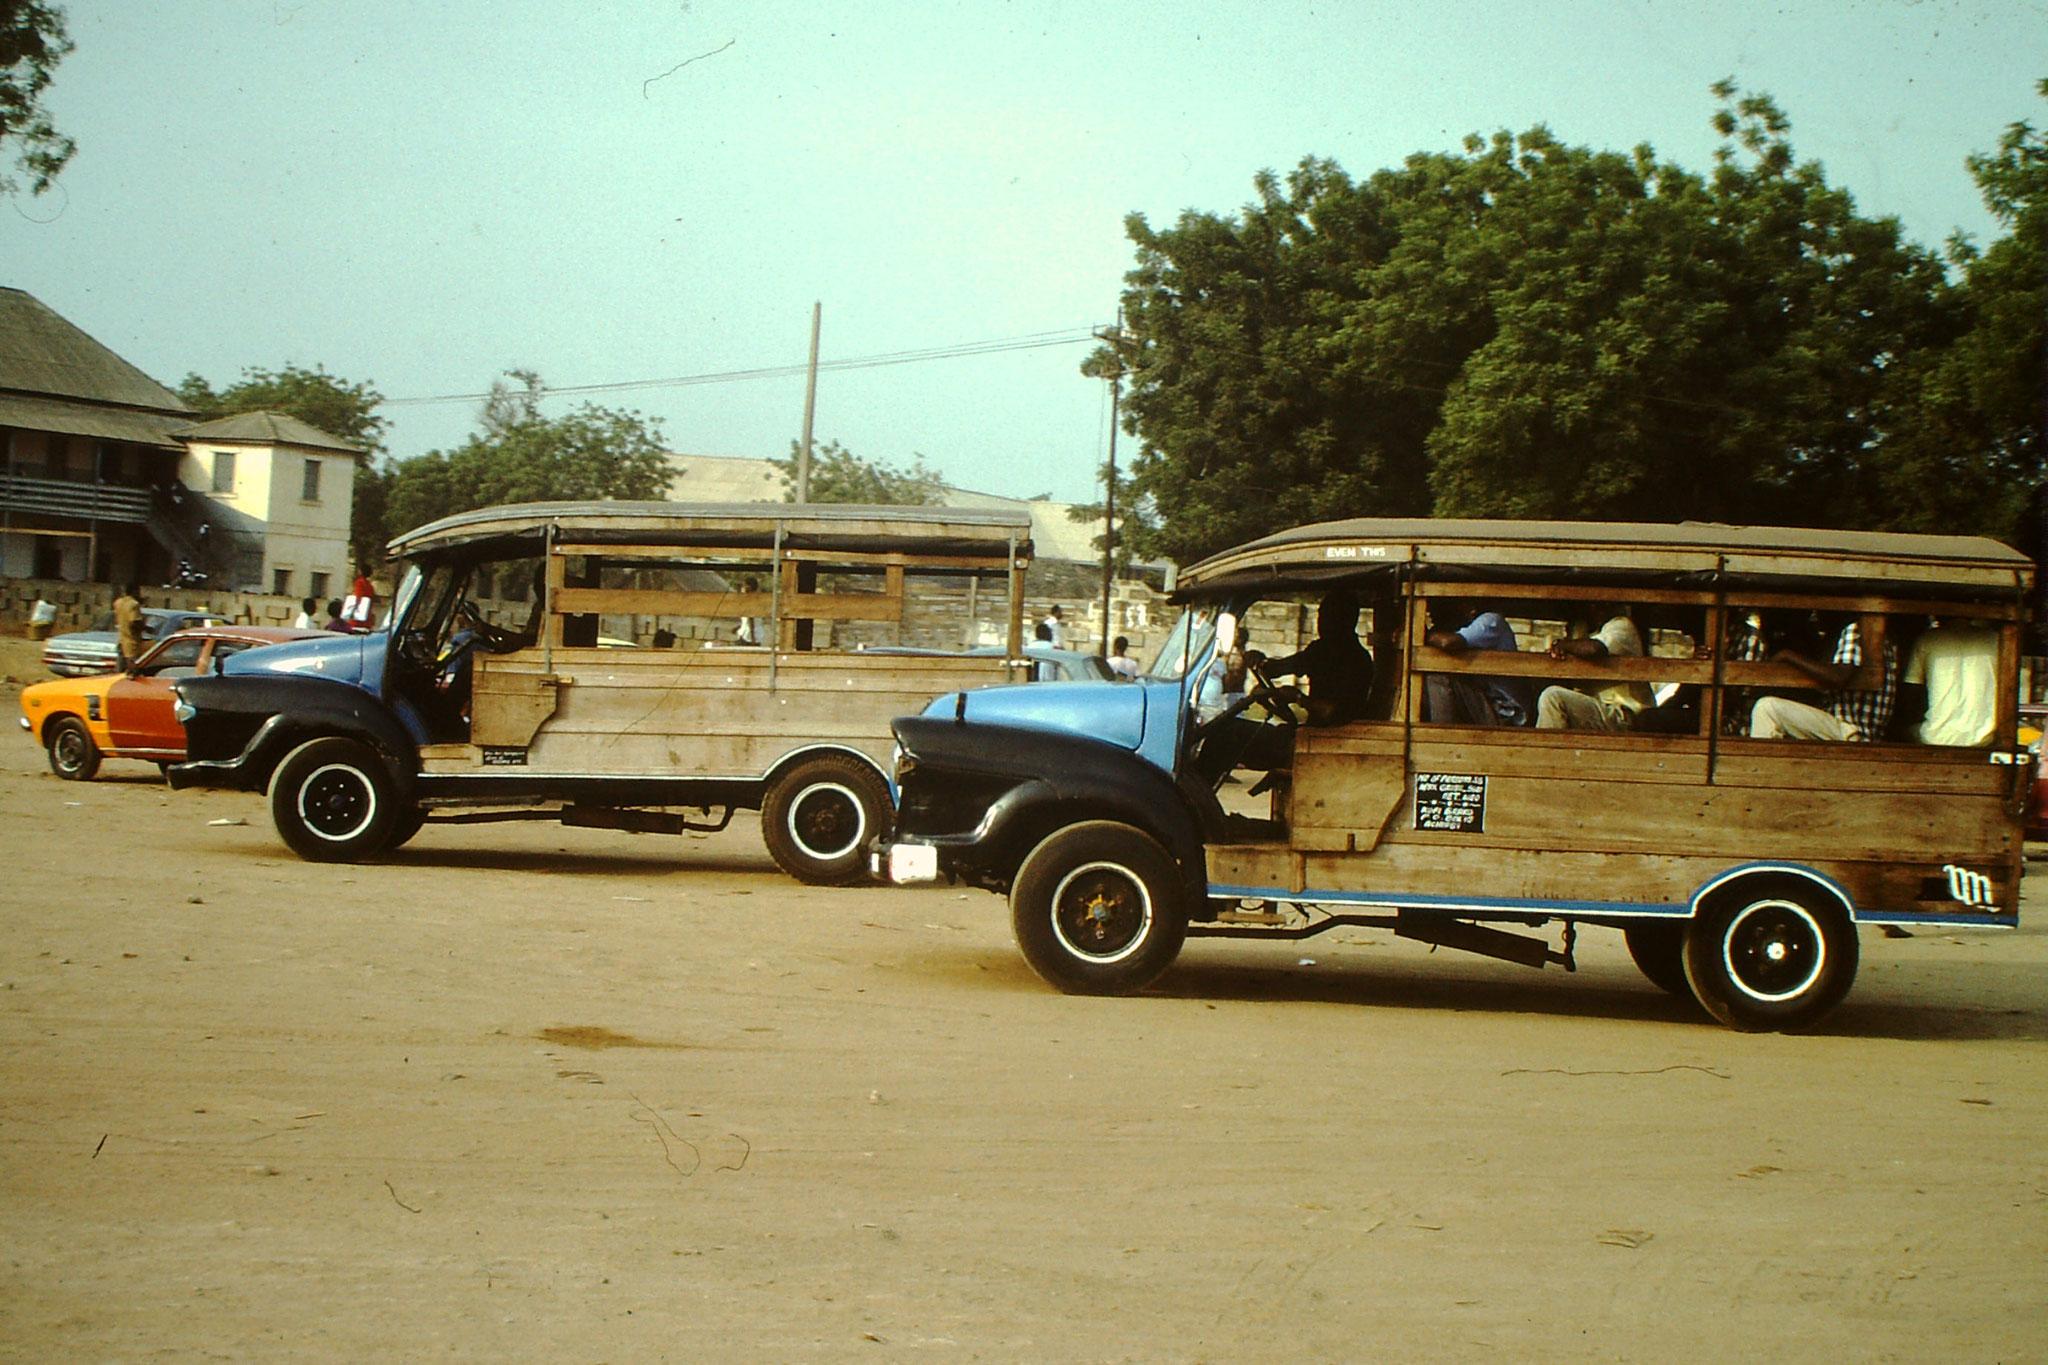 Die Buschtaxis hatten keinen festen Fahrplan. Einzig der Abfahrtsort und das Endziel war bekannt. Man durfte aber früher aussteigen und wenn es Platz hatte auch unterwegs einsteigen. Nebst dem Fahrer war auch noch ein Begleiter dabei der dem Chauffeur